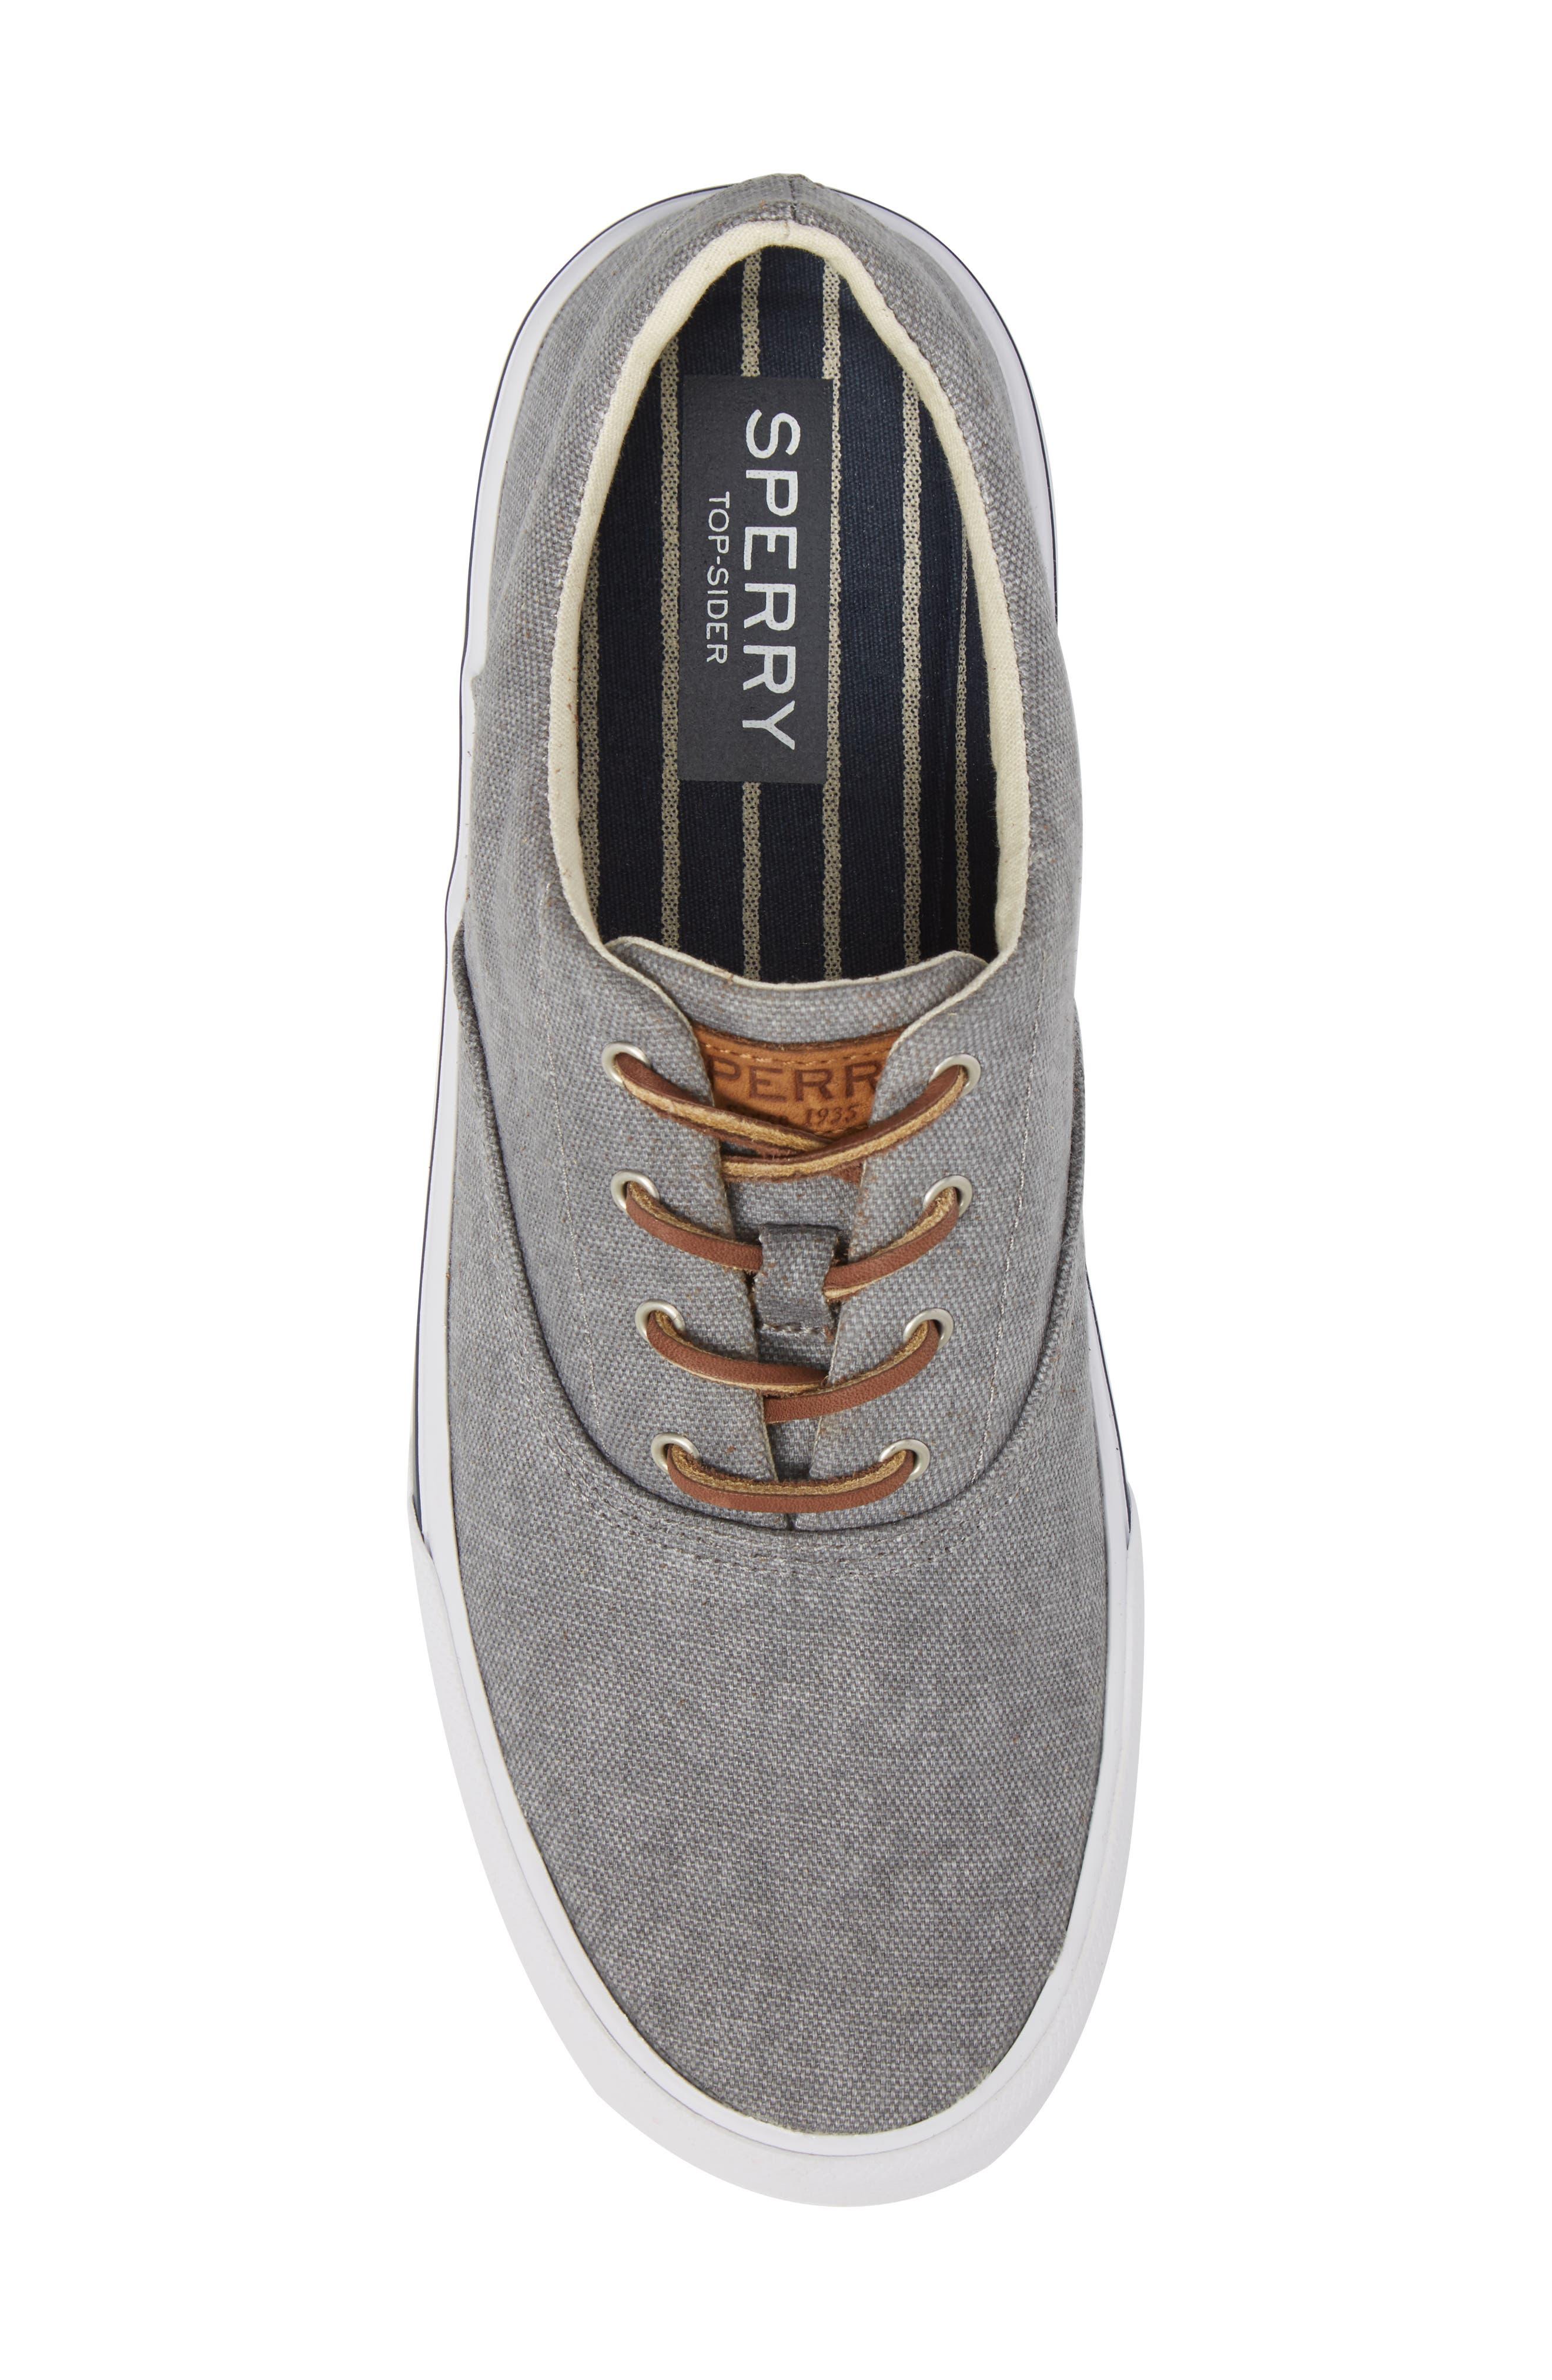 SPERRY, Striper 2 CVO Sneaker, Alternate thumbnail 5, color, 020